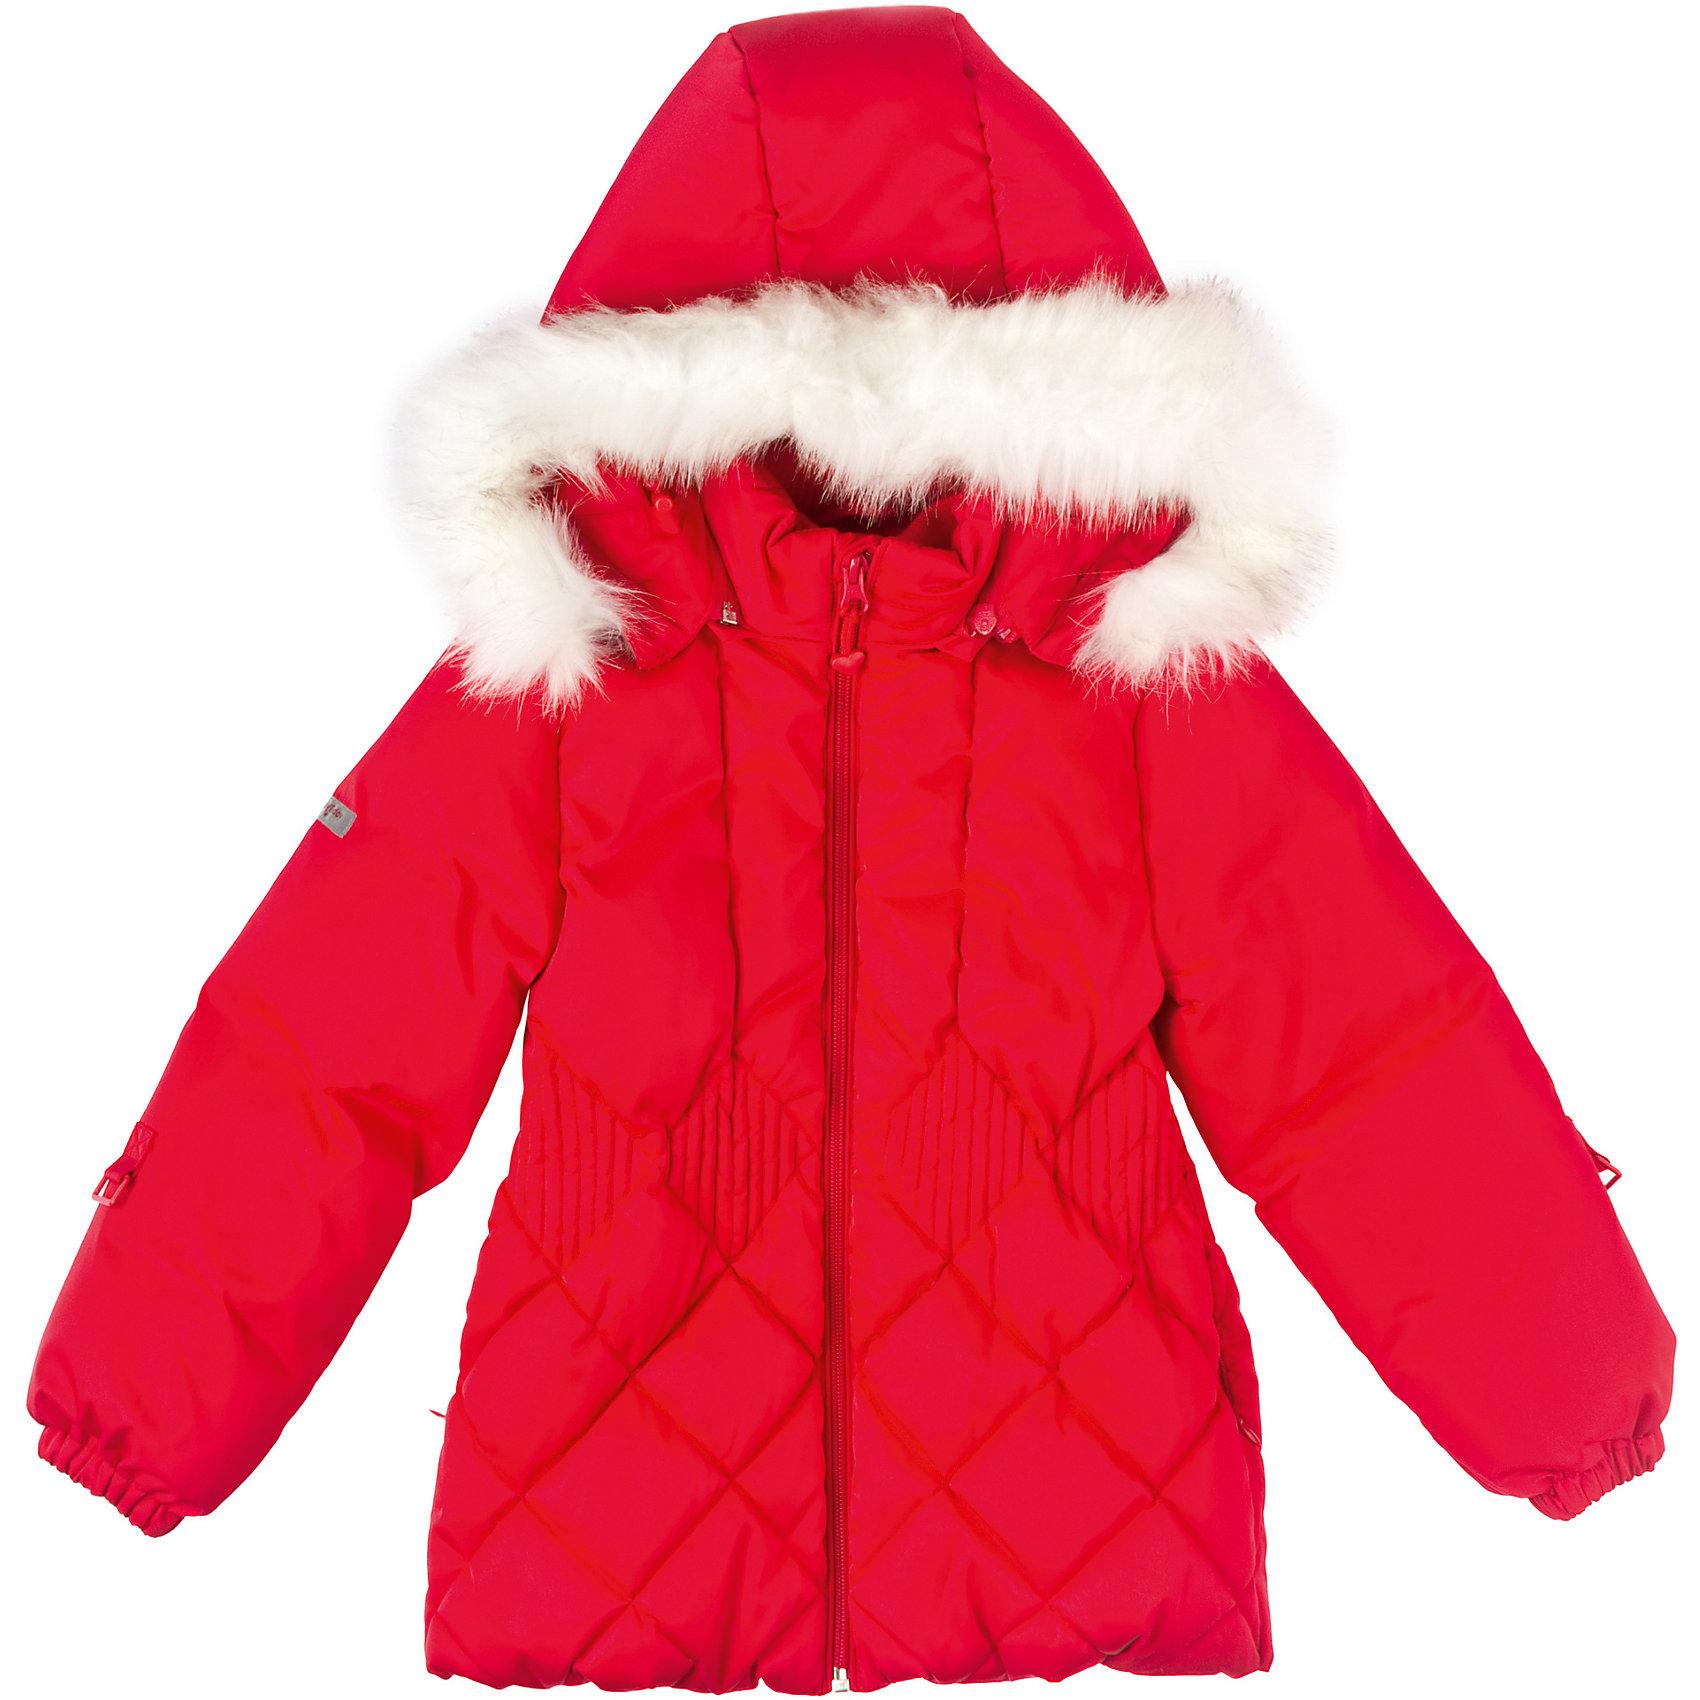 Куртка для девочки PlayTodayКуртка для девочки PlayToday Стильная приталенная пуховая куртка для девочек. Воротник отделан искуственным мехом. Манжеты на резинке. На рукавах специальные крепления для рукавичек. Состав: Верх: 100% полиэстер, Подкладка: 100% полиэстер, Утеплитель: 90% пух, 10% перо<br><br>Ширина мм: 356<br>Глубина мм: 10<br>Высота мм: 245<br>Вес г: 519<br>Цвет: красный<br>Возраст от месяцев: 36<br>Возраст до месяцев: 48<br>Пол: Женский<br>Возраст: Детский<br>Размер: 128,98,116,104,122,110<br>SKU: 4228765